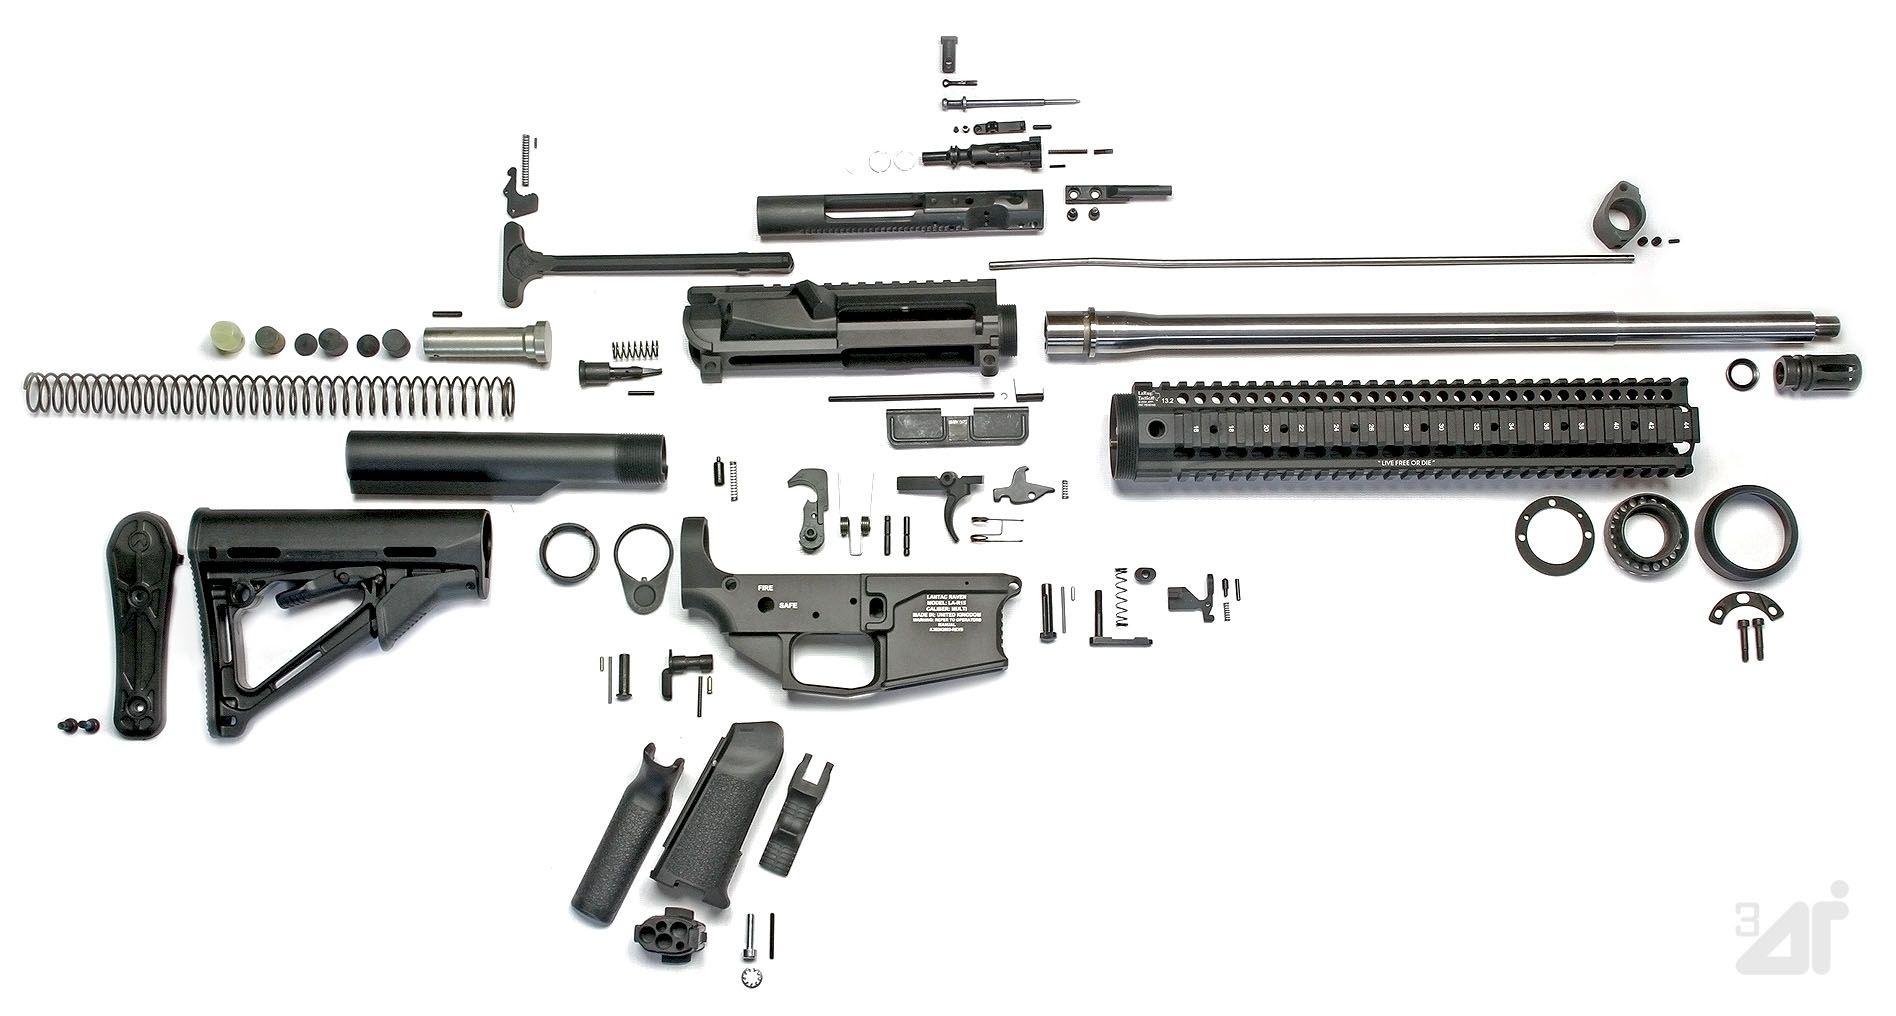 Is a gun a simple machine? - Quora